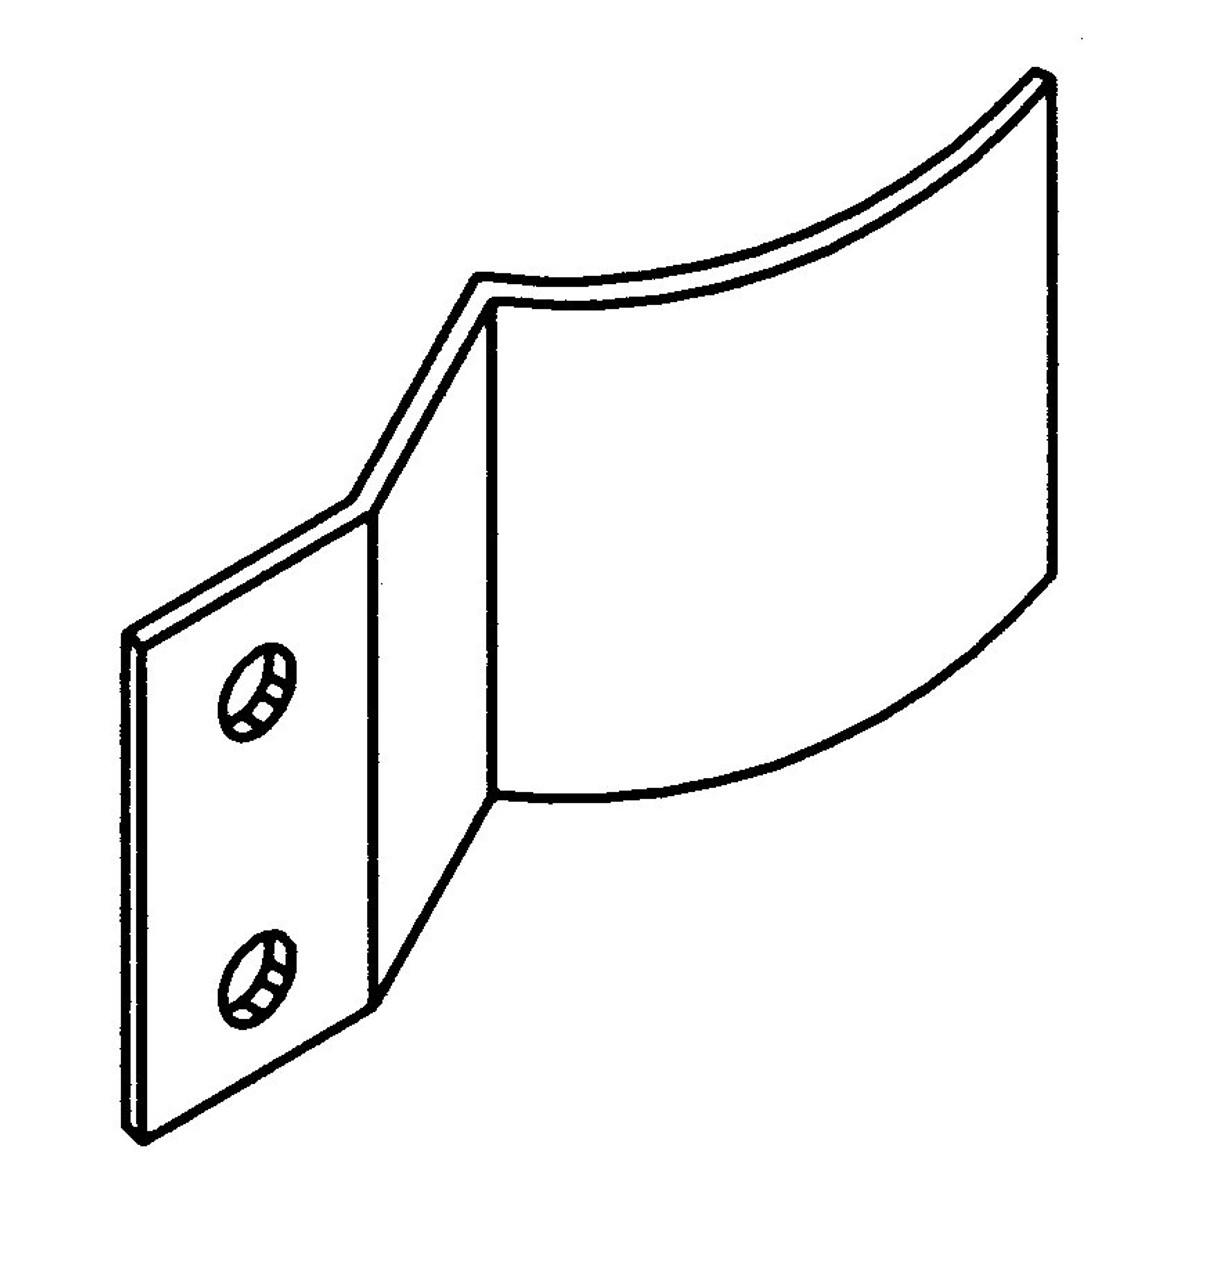 Hobart Saws - Door Clip fits S/S Door - H276